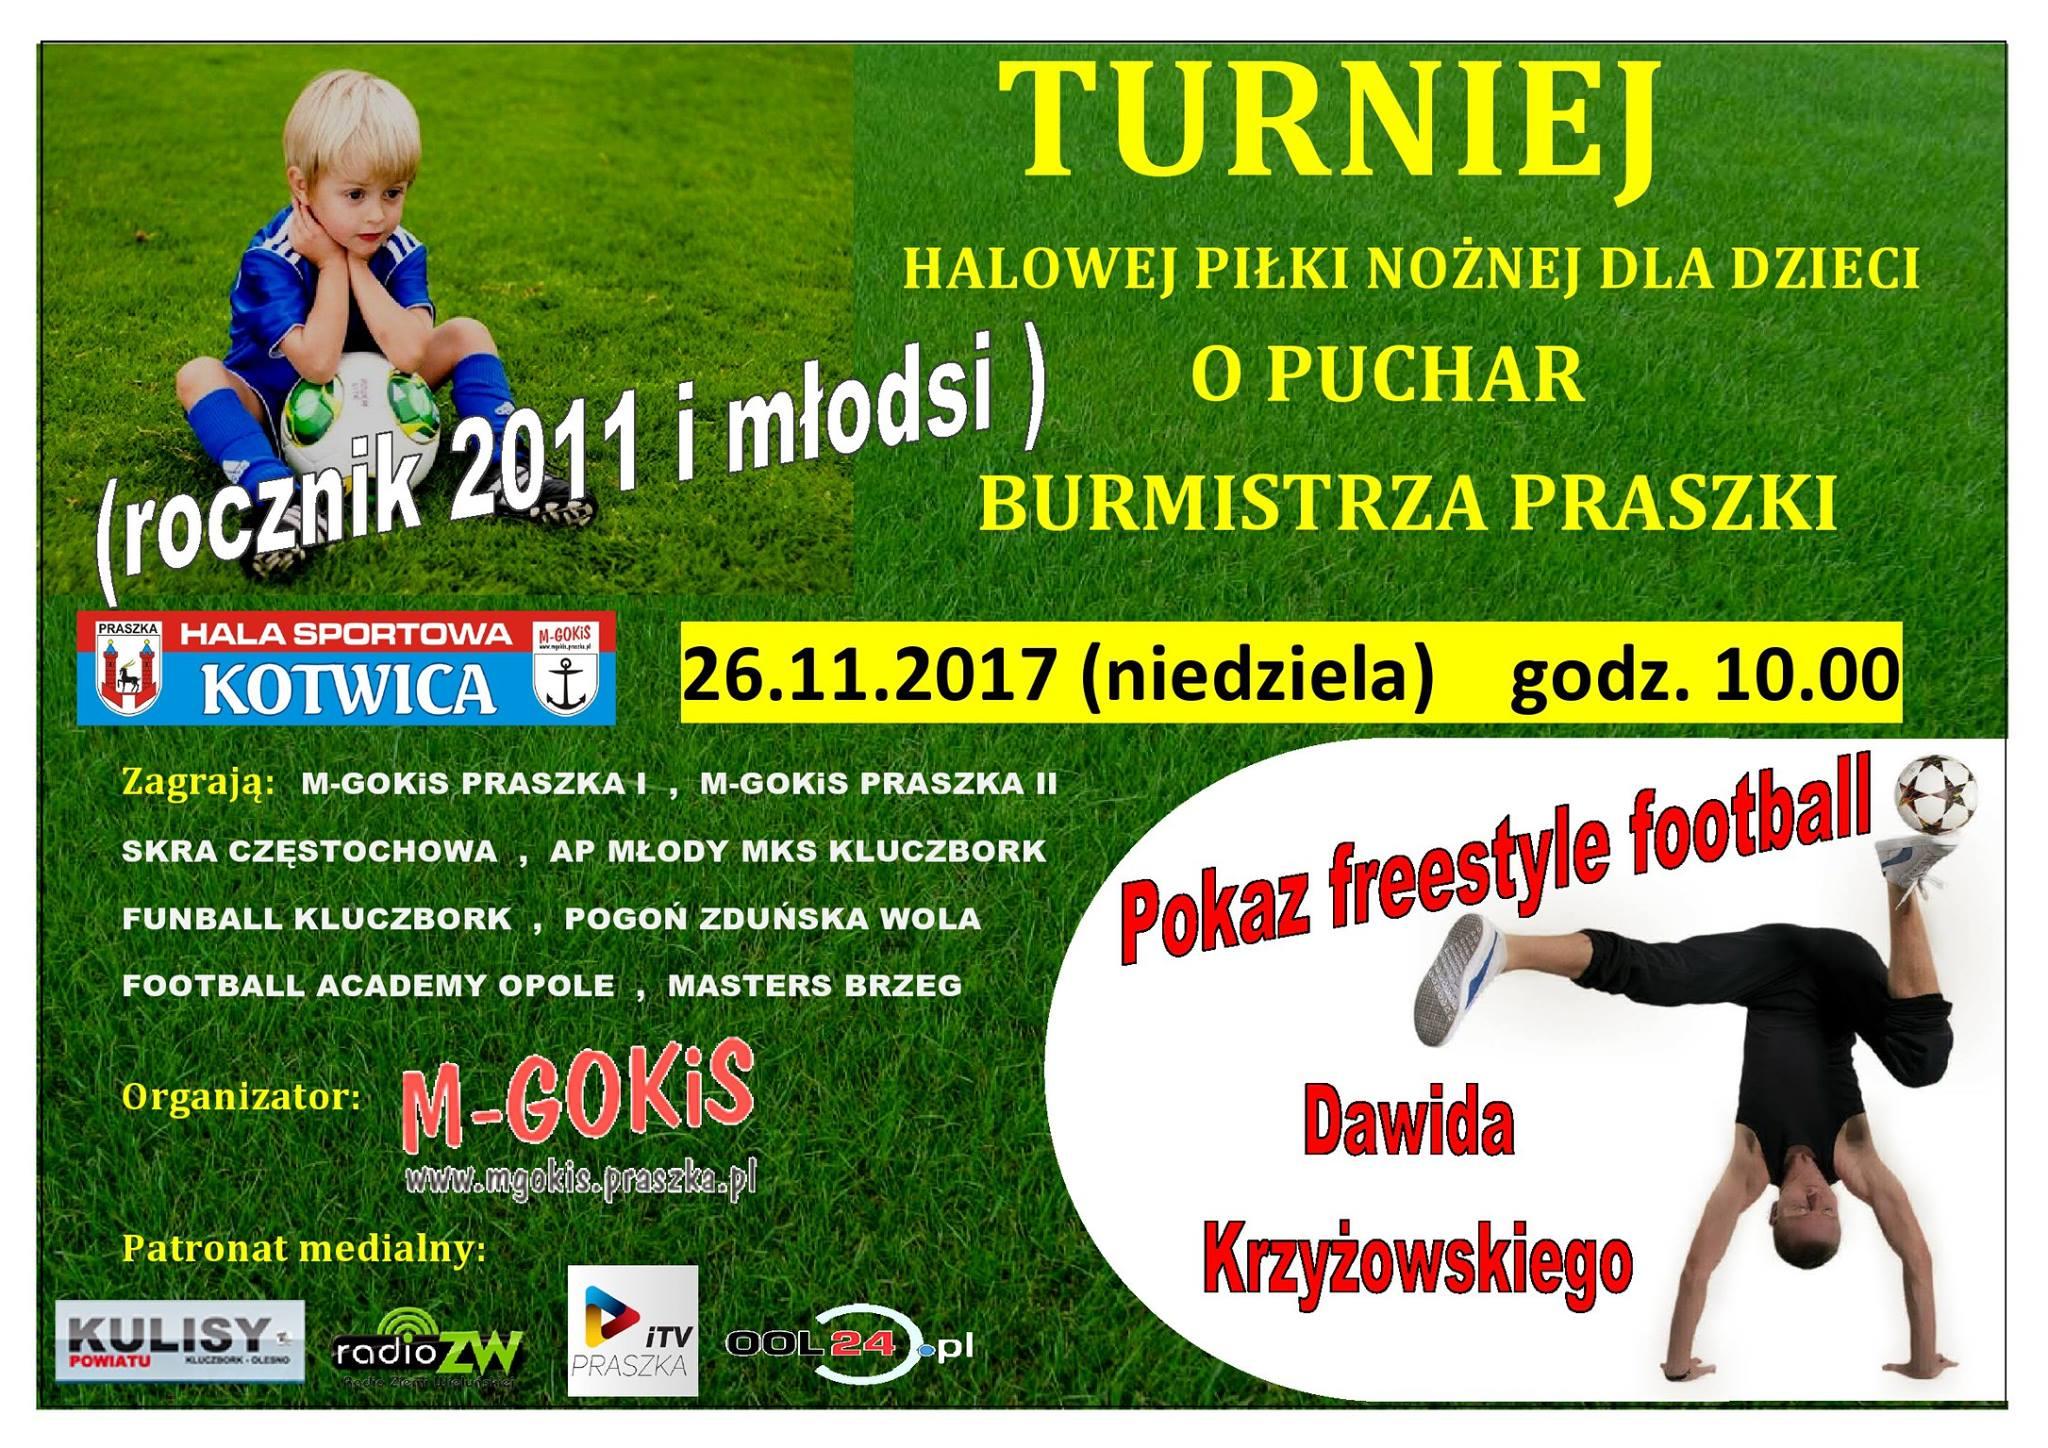 Turniej o Puchar Burmistrza Praszki